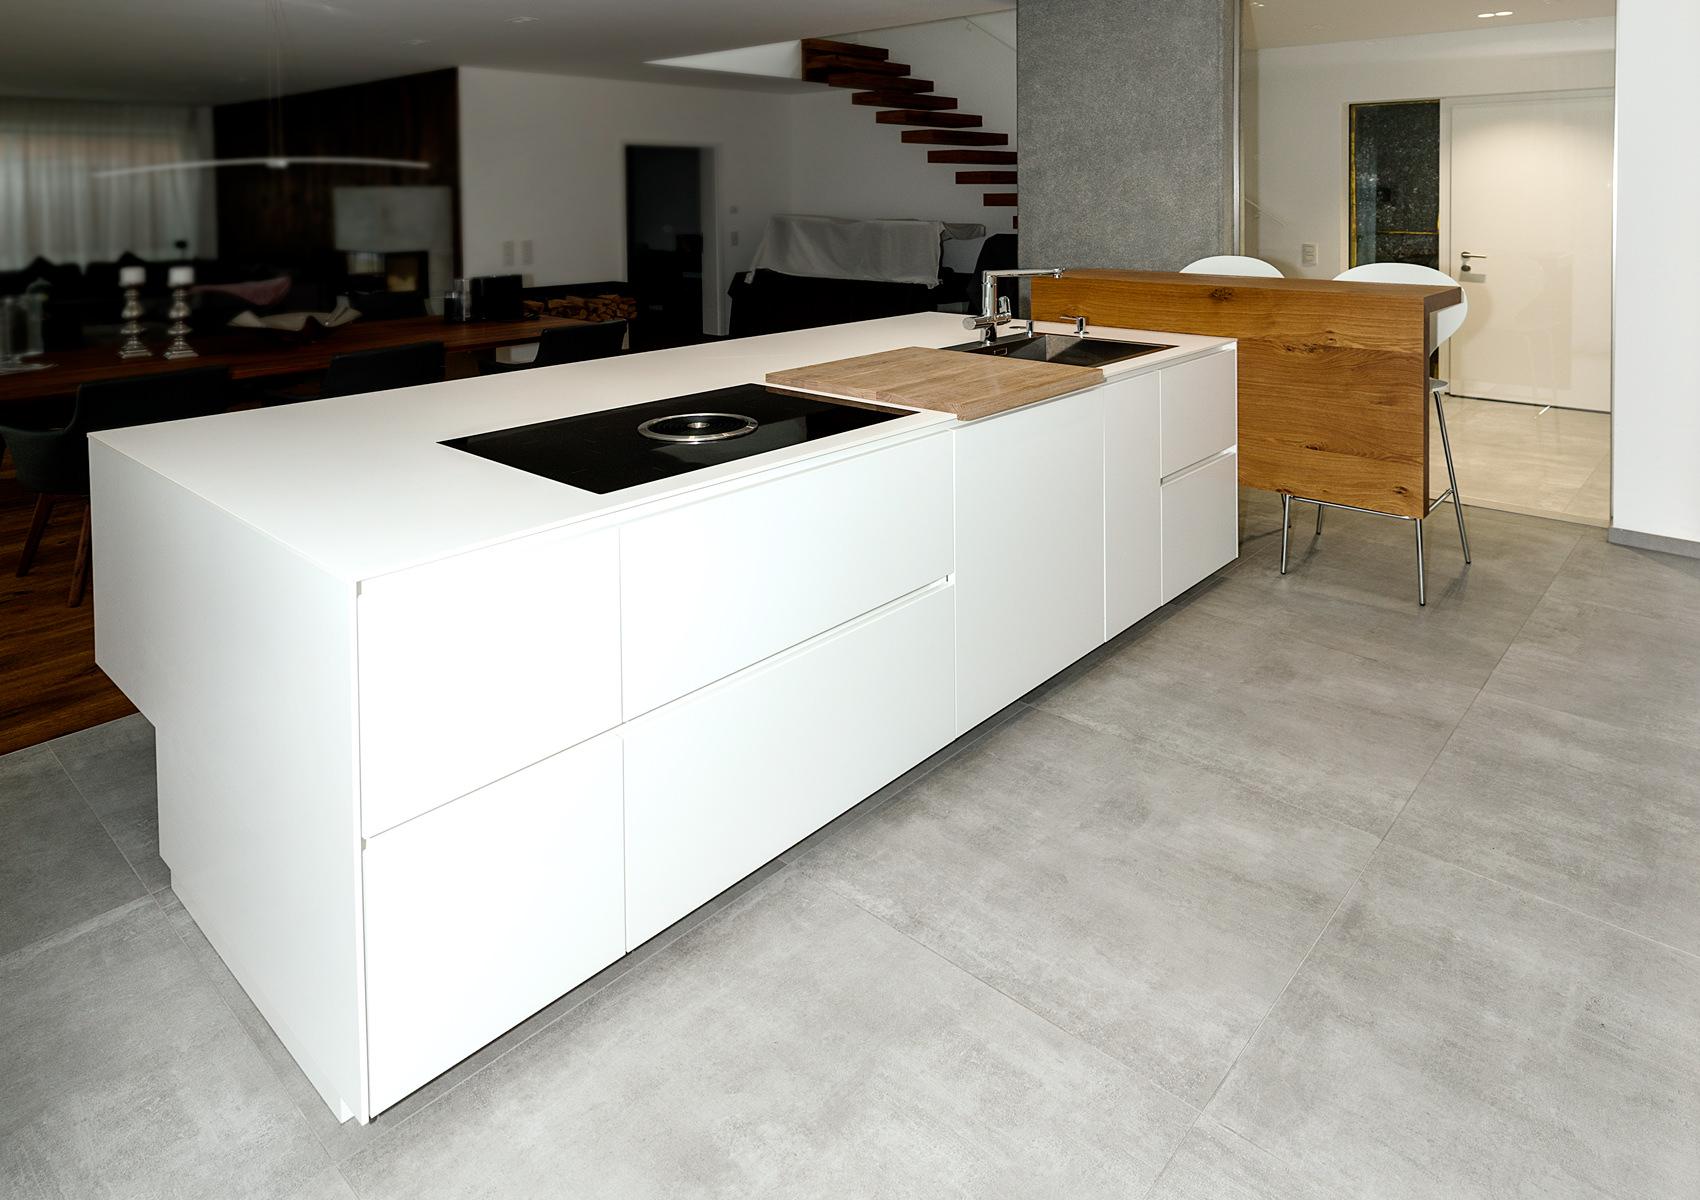 Ecklösung Küche – Reiner Knabl – Möbelwerkstatt